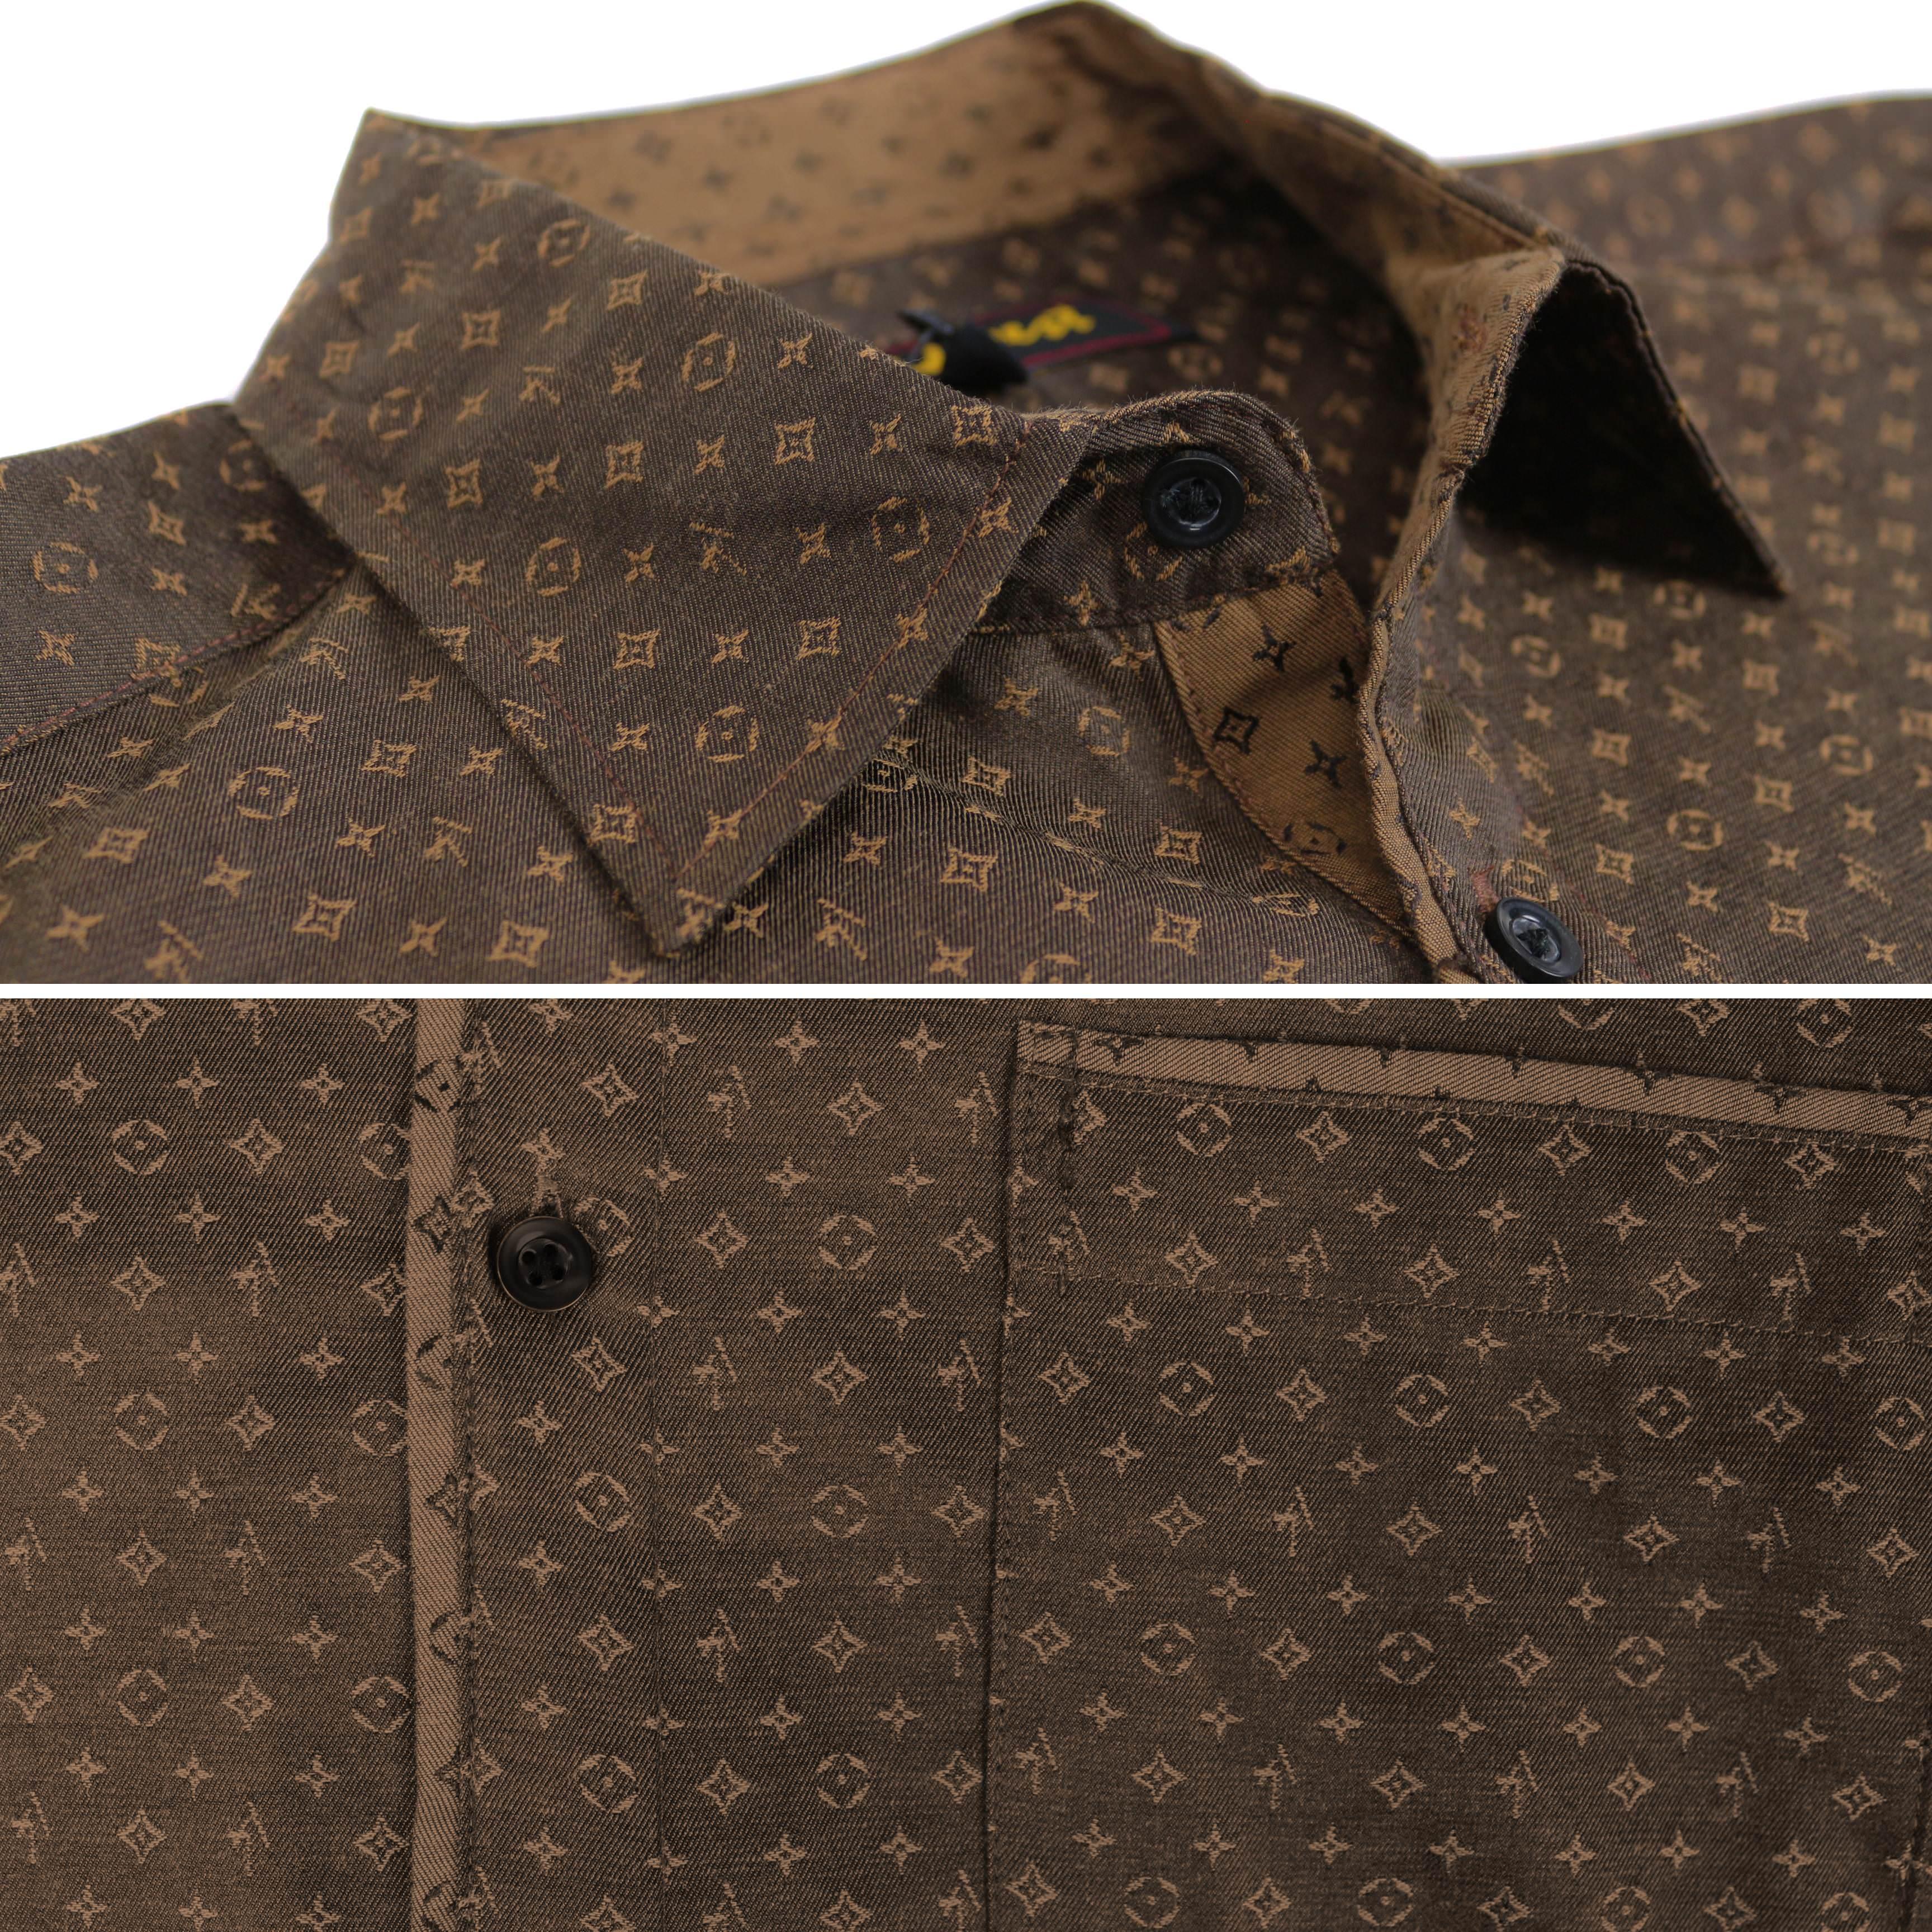 thumbnail 8 - LW-Men-039-s-Western-Button-Up-Long-Sleeve-Designer-Dress-Shirt